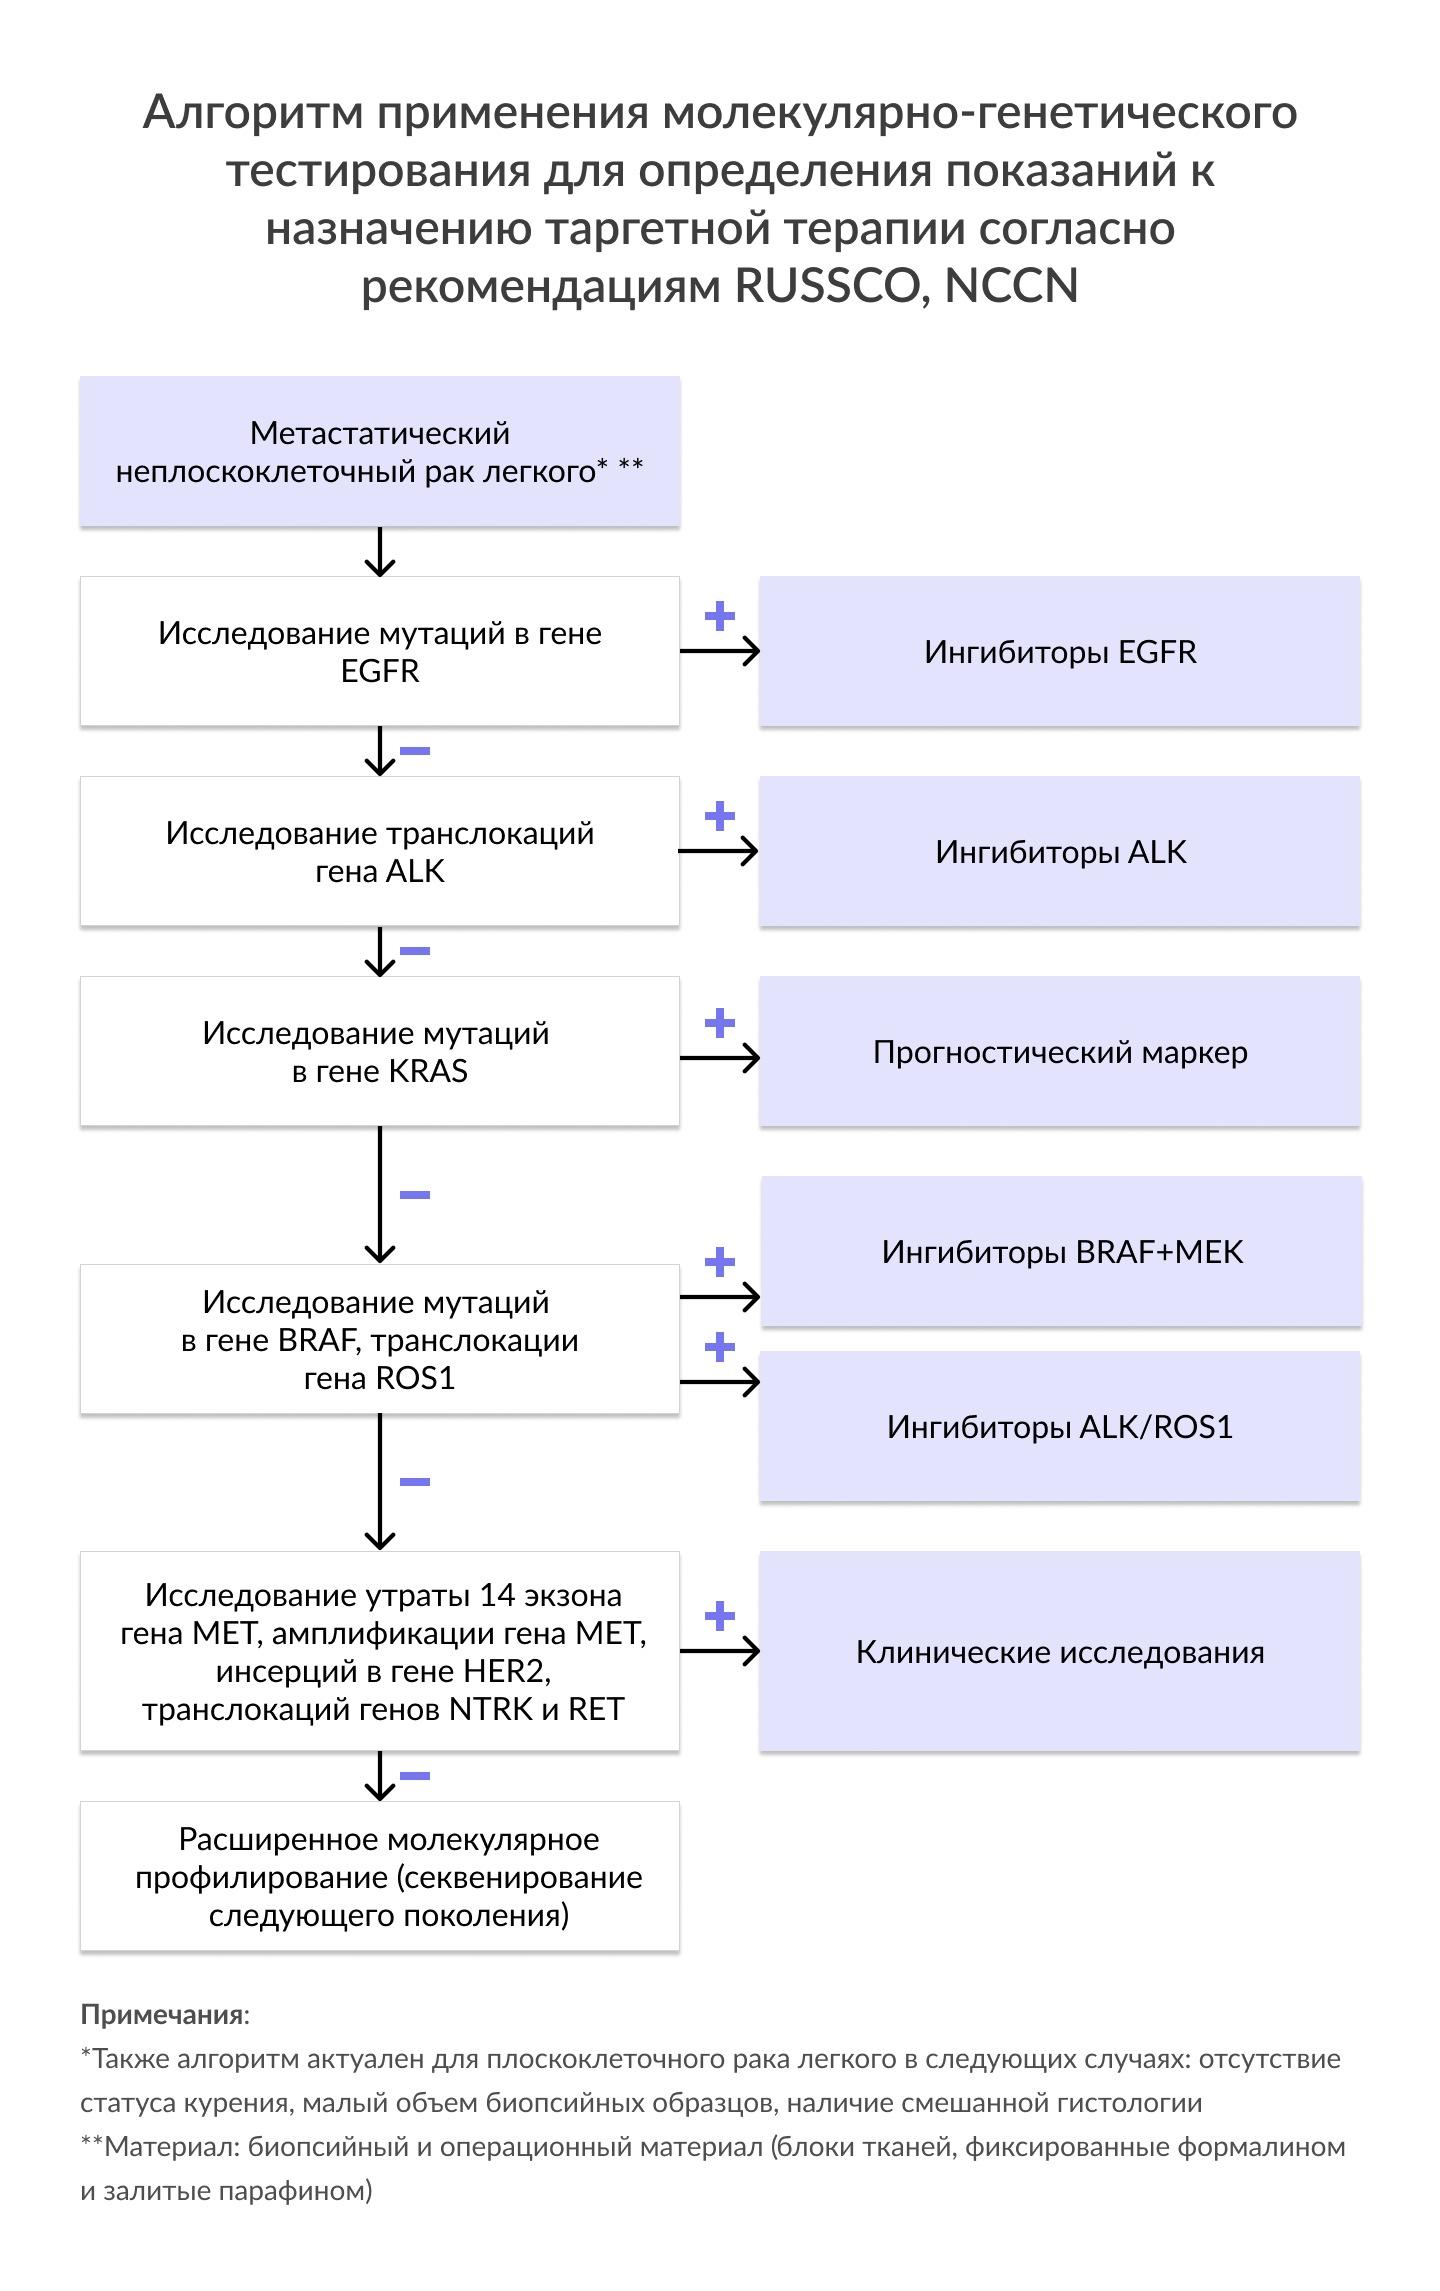 Алгоритм применения молекулярно-генетического тестирования для определения показаний к назначению таргетной терапии согласно рекомендациям RUSSCO, NCCN